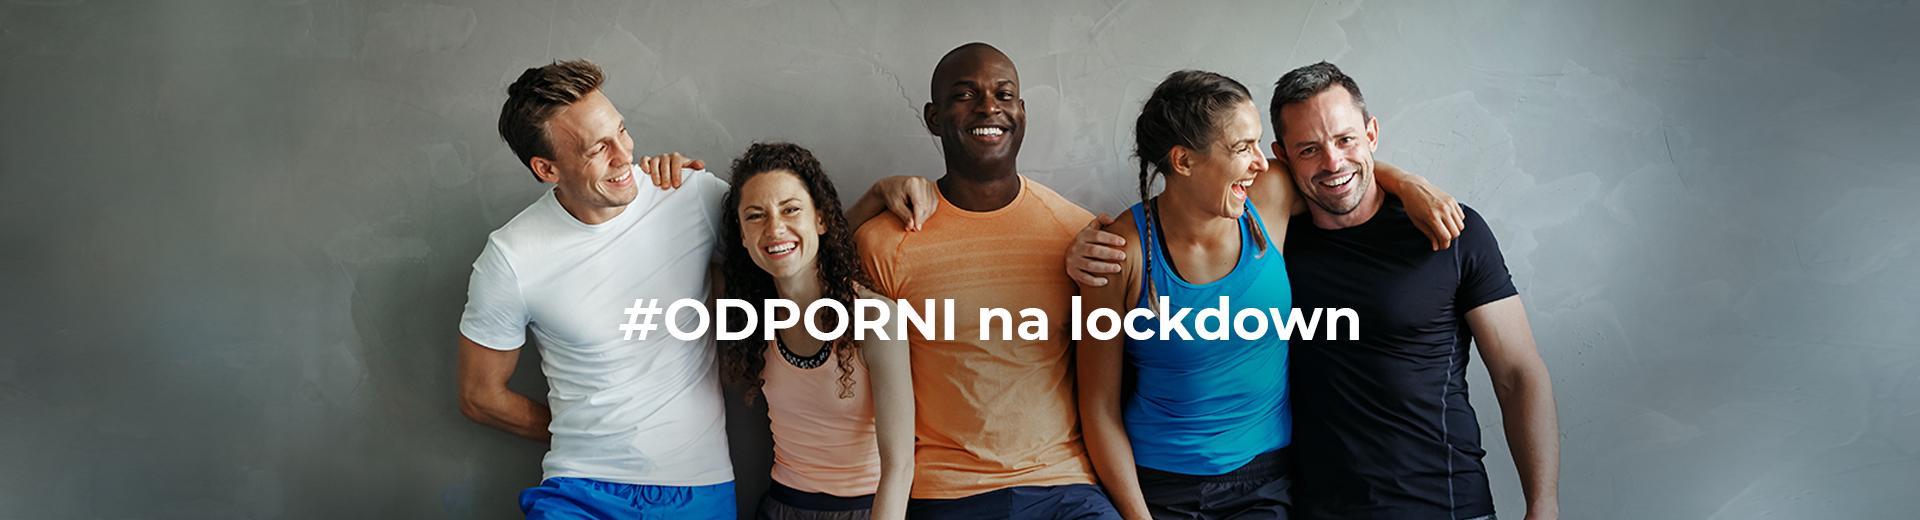 odporni na lockdown